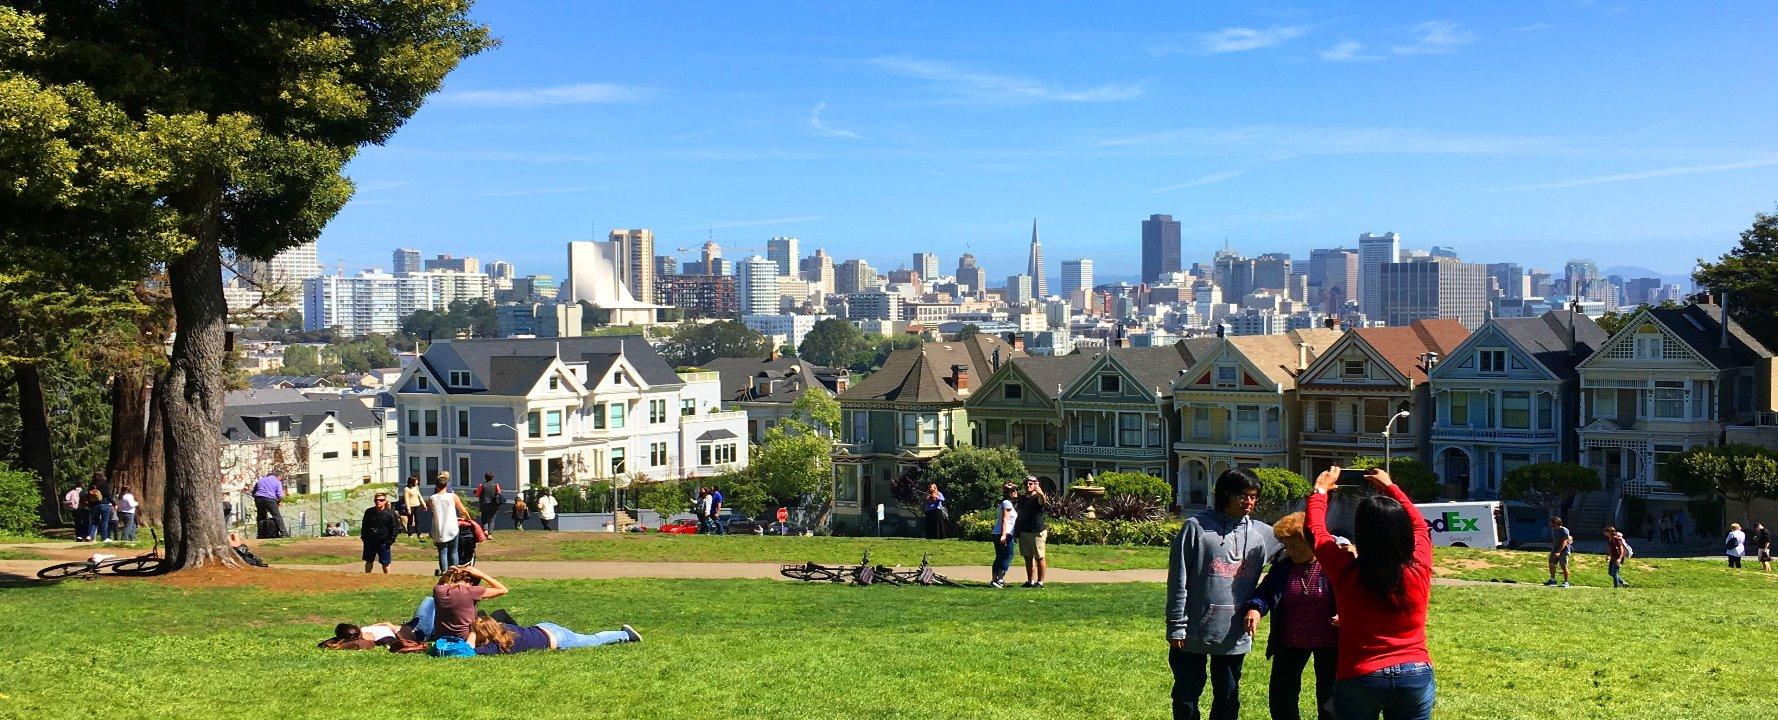 旧金山最佳半日私人导游景点和景点